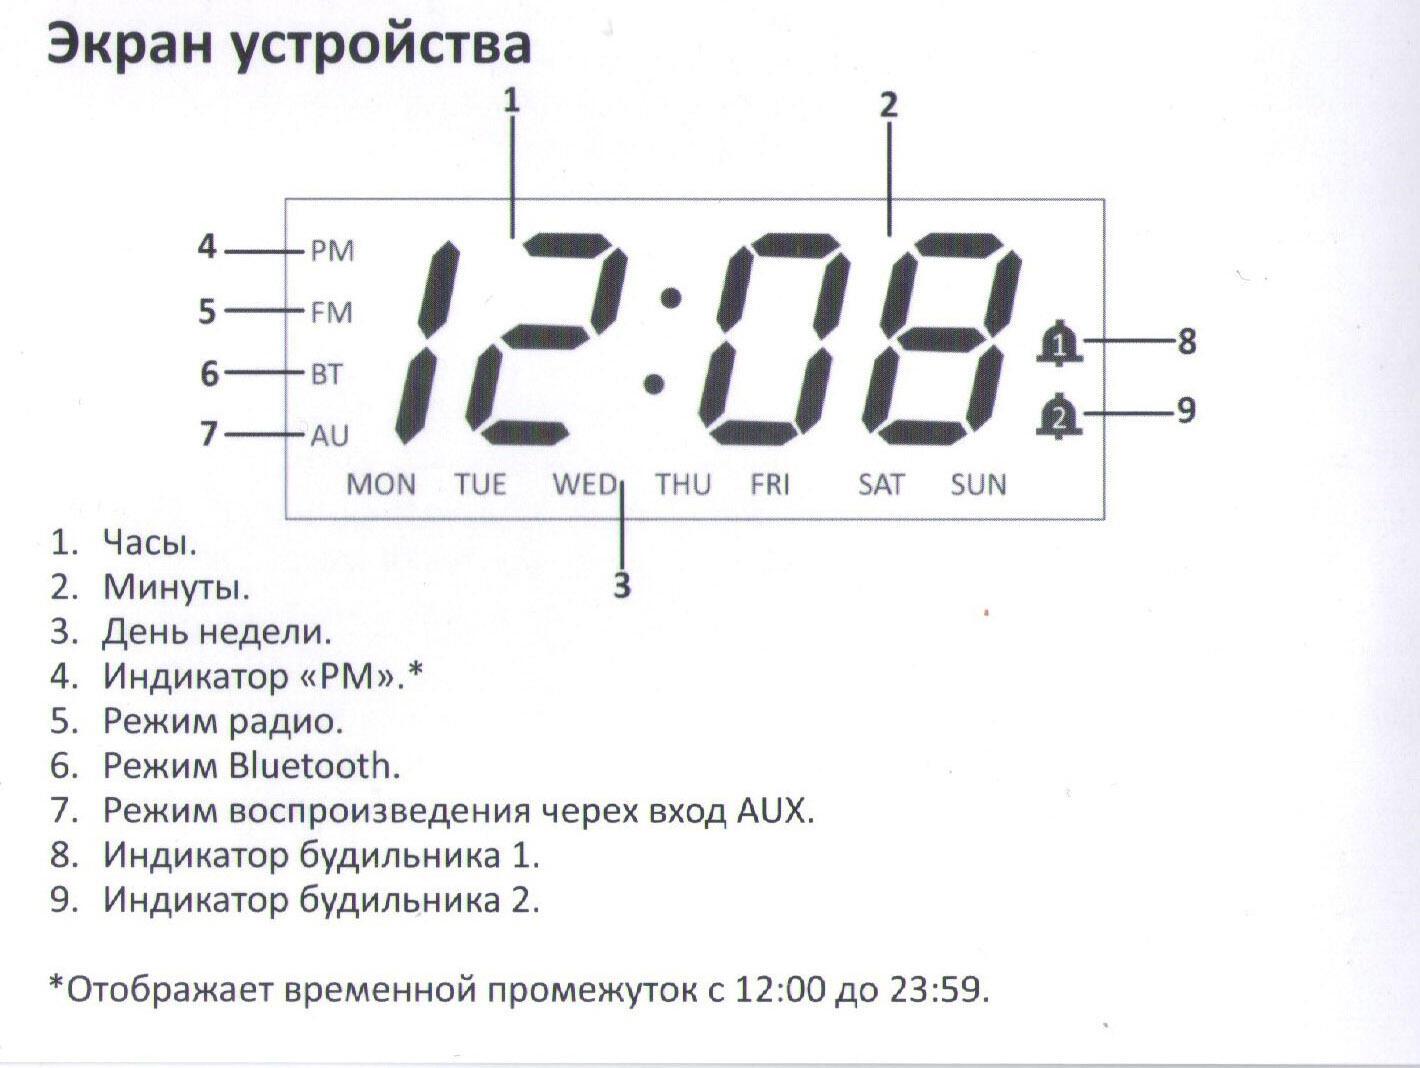 Bytovaya Tehnika - Obzor chasov radiobudilnika DEXP RC-280